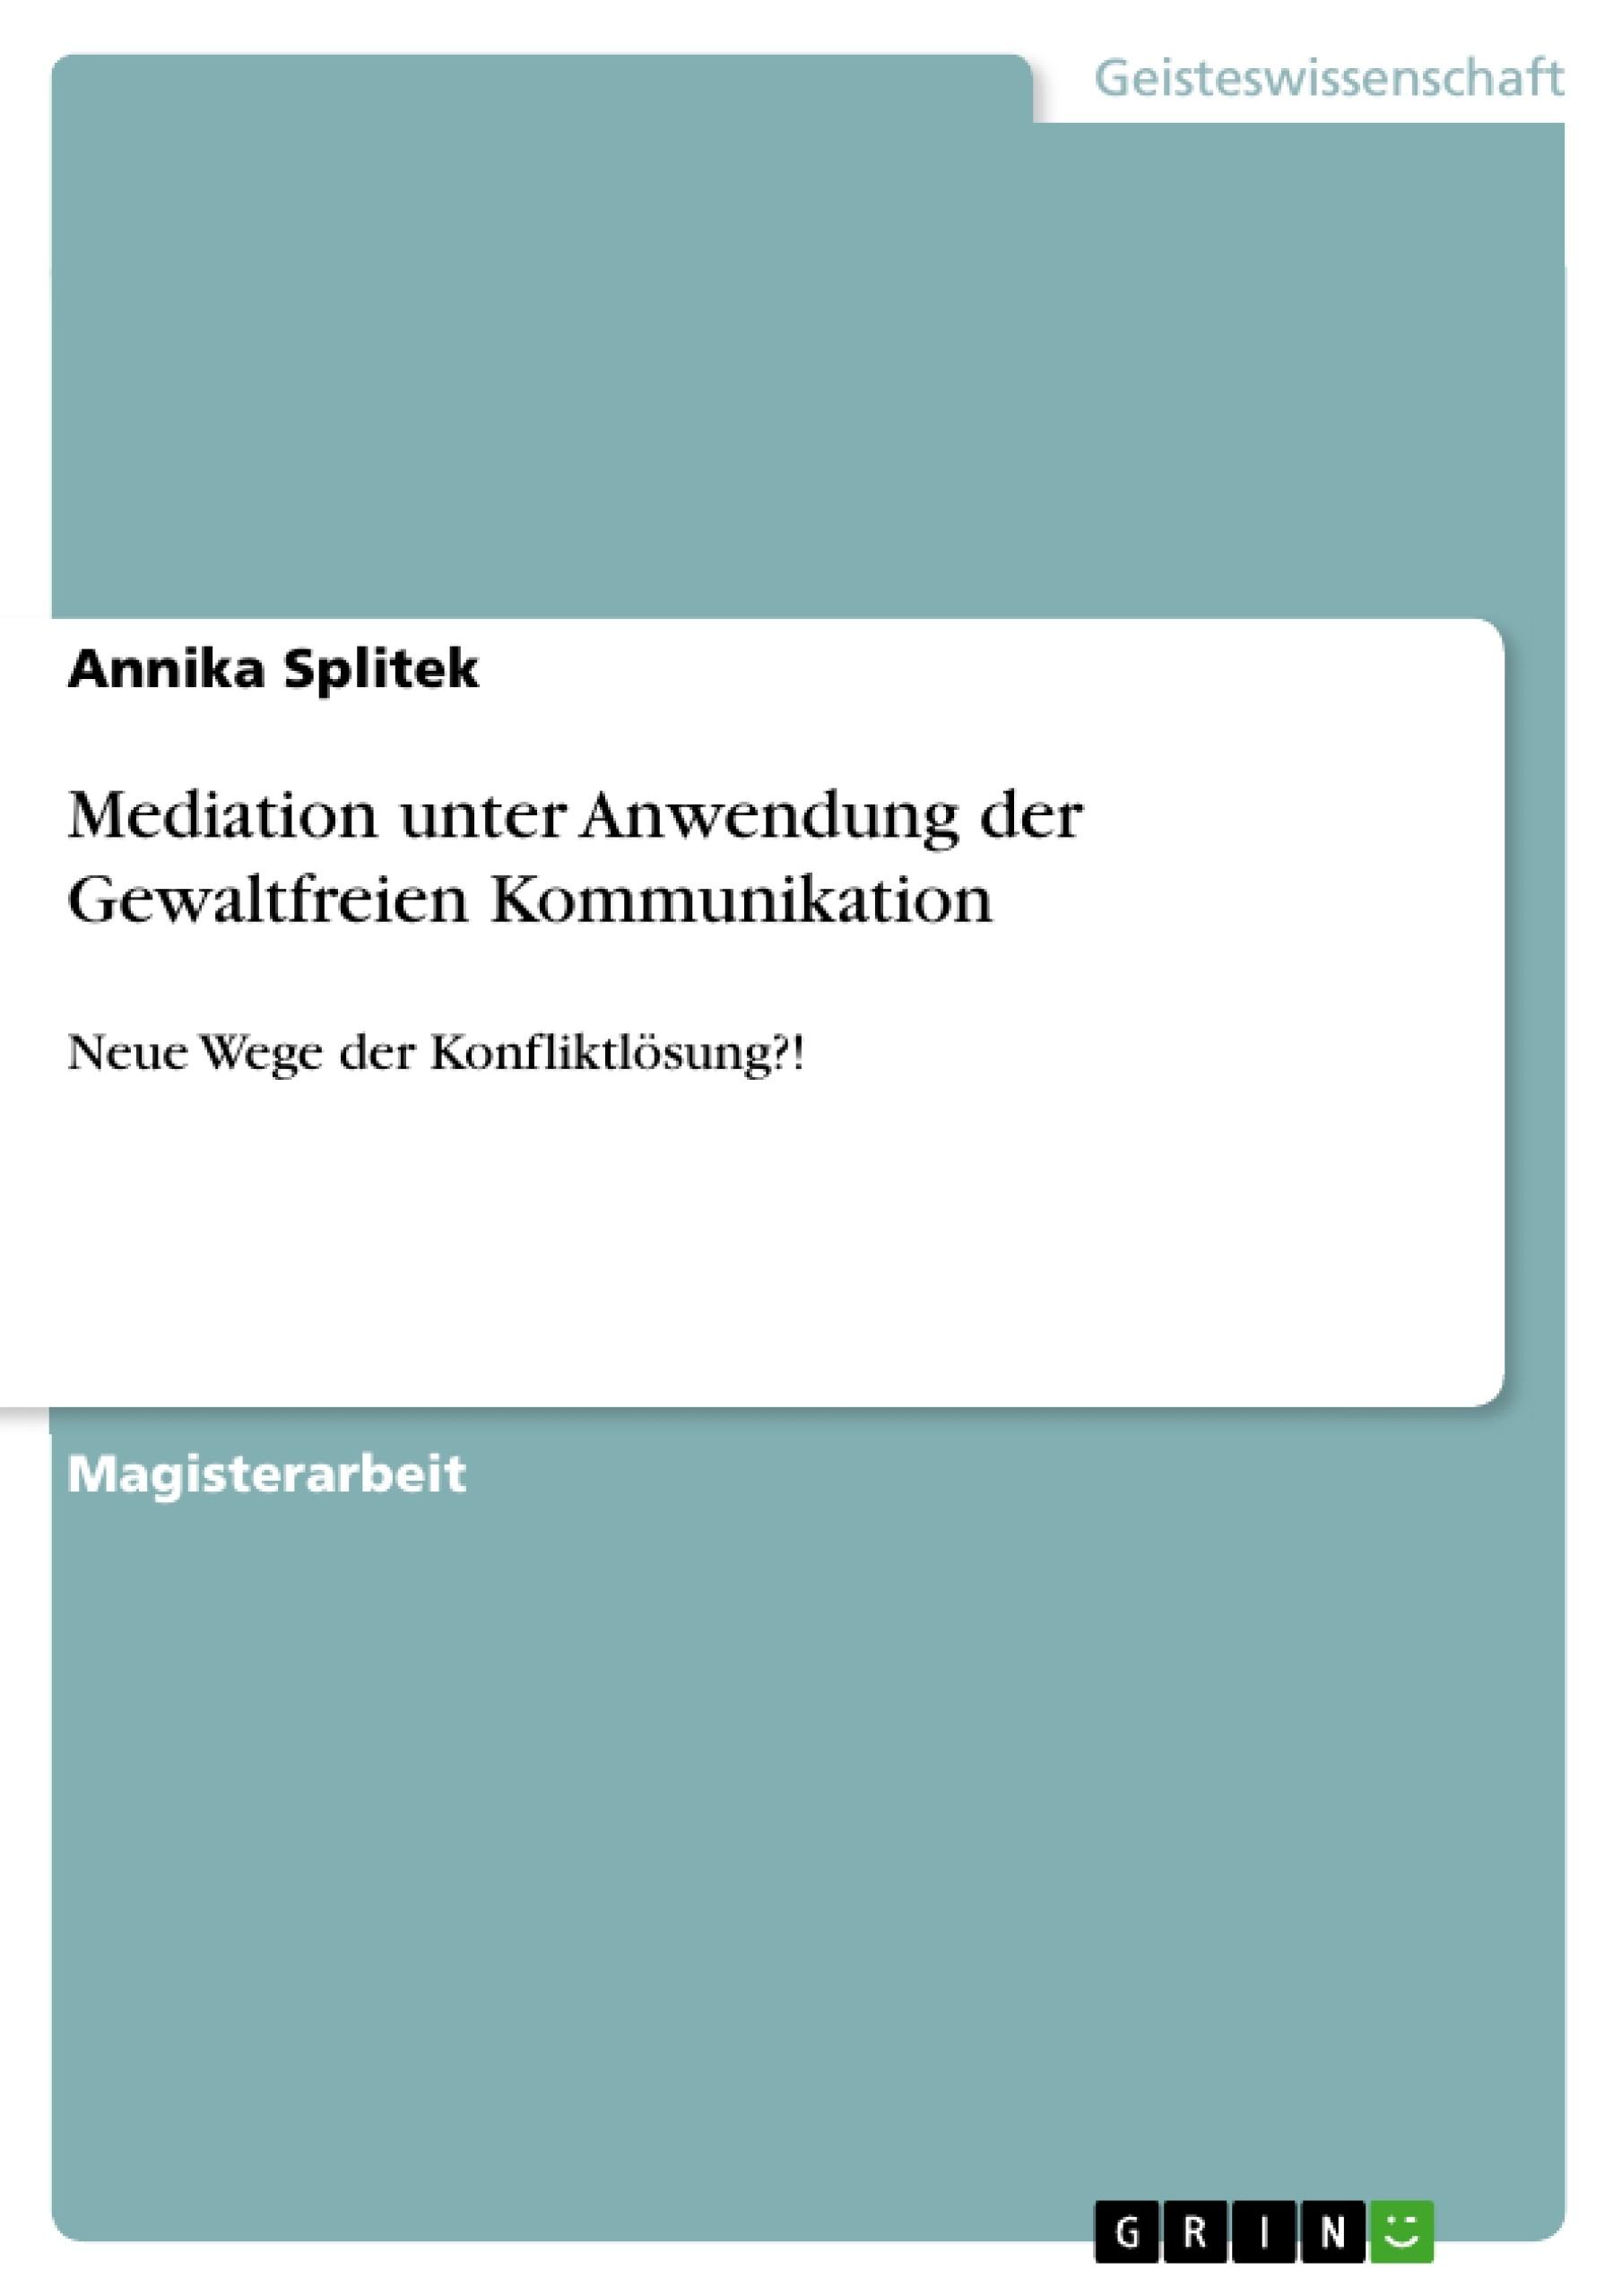 Titel: Mediation unter Anwendung der Gewaltfreien Kommunikation